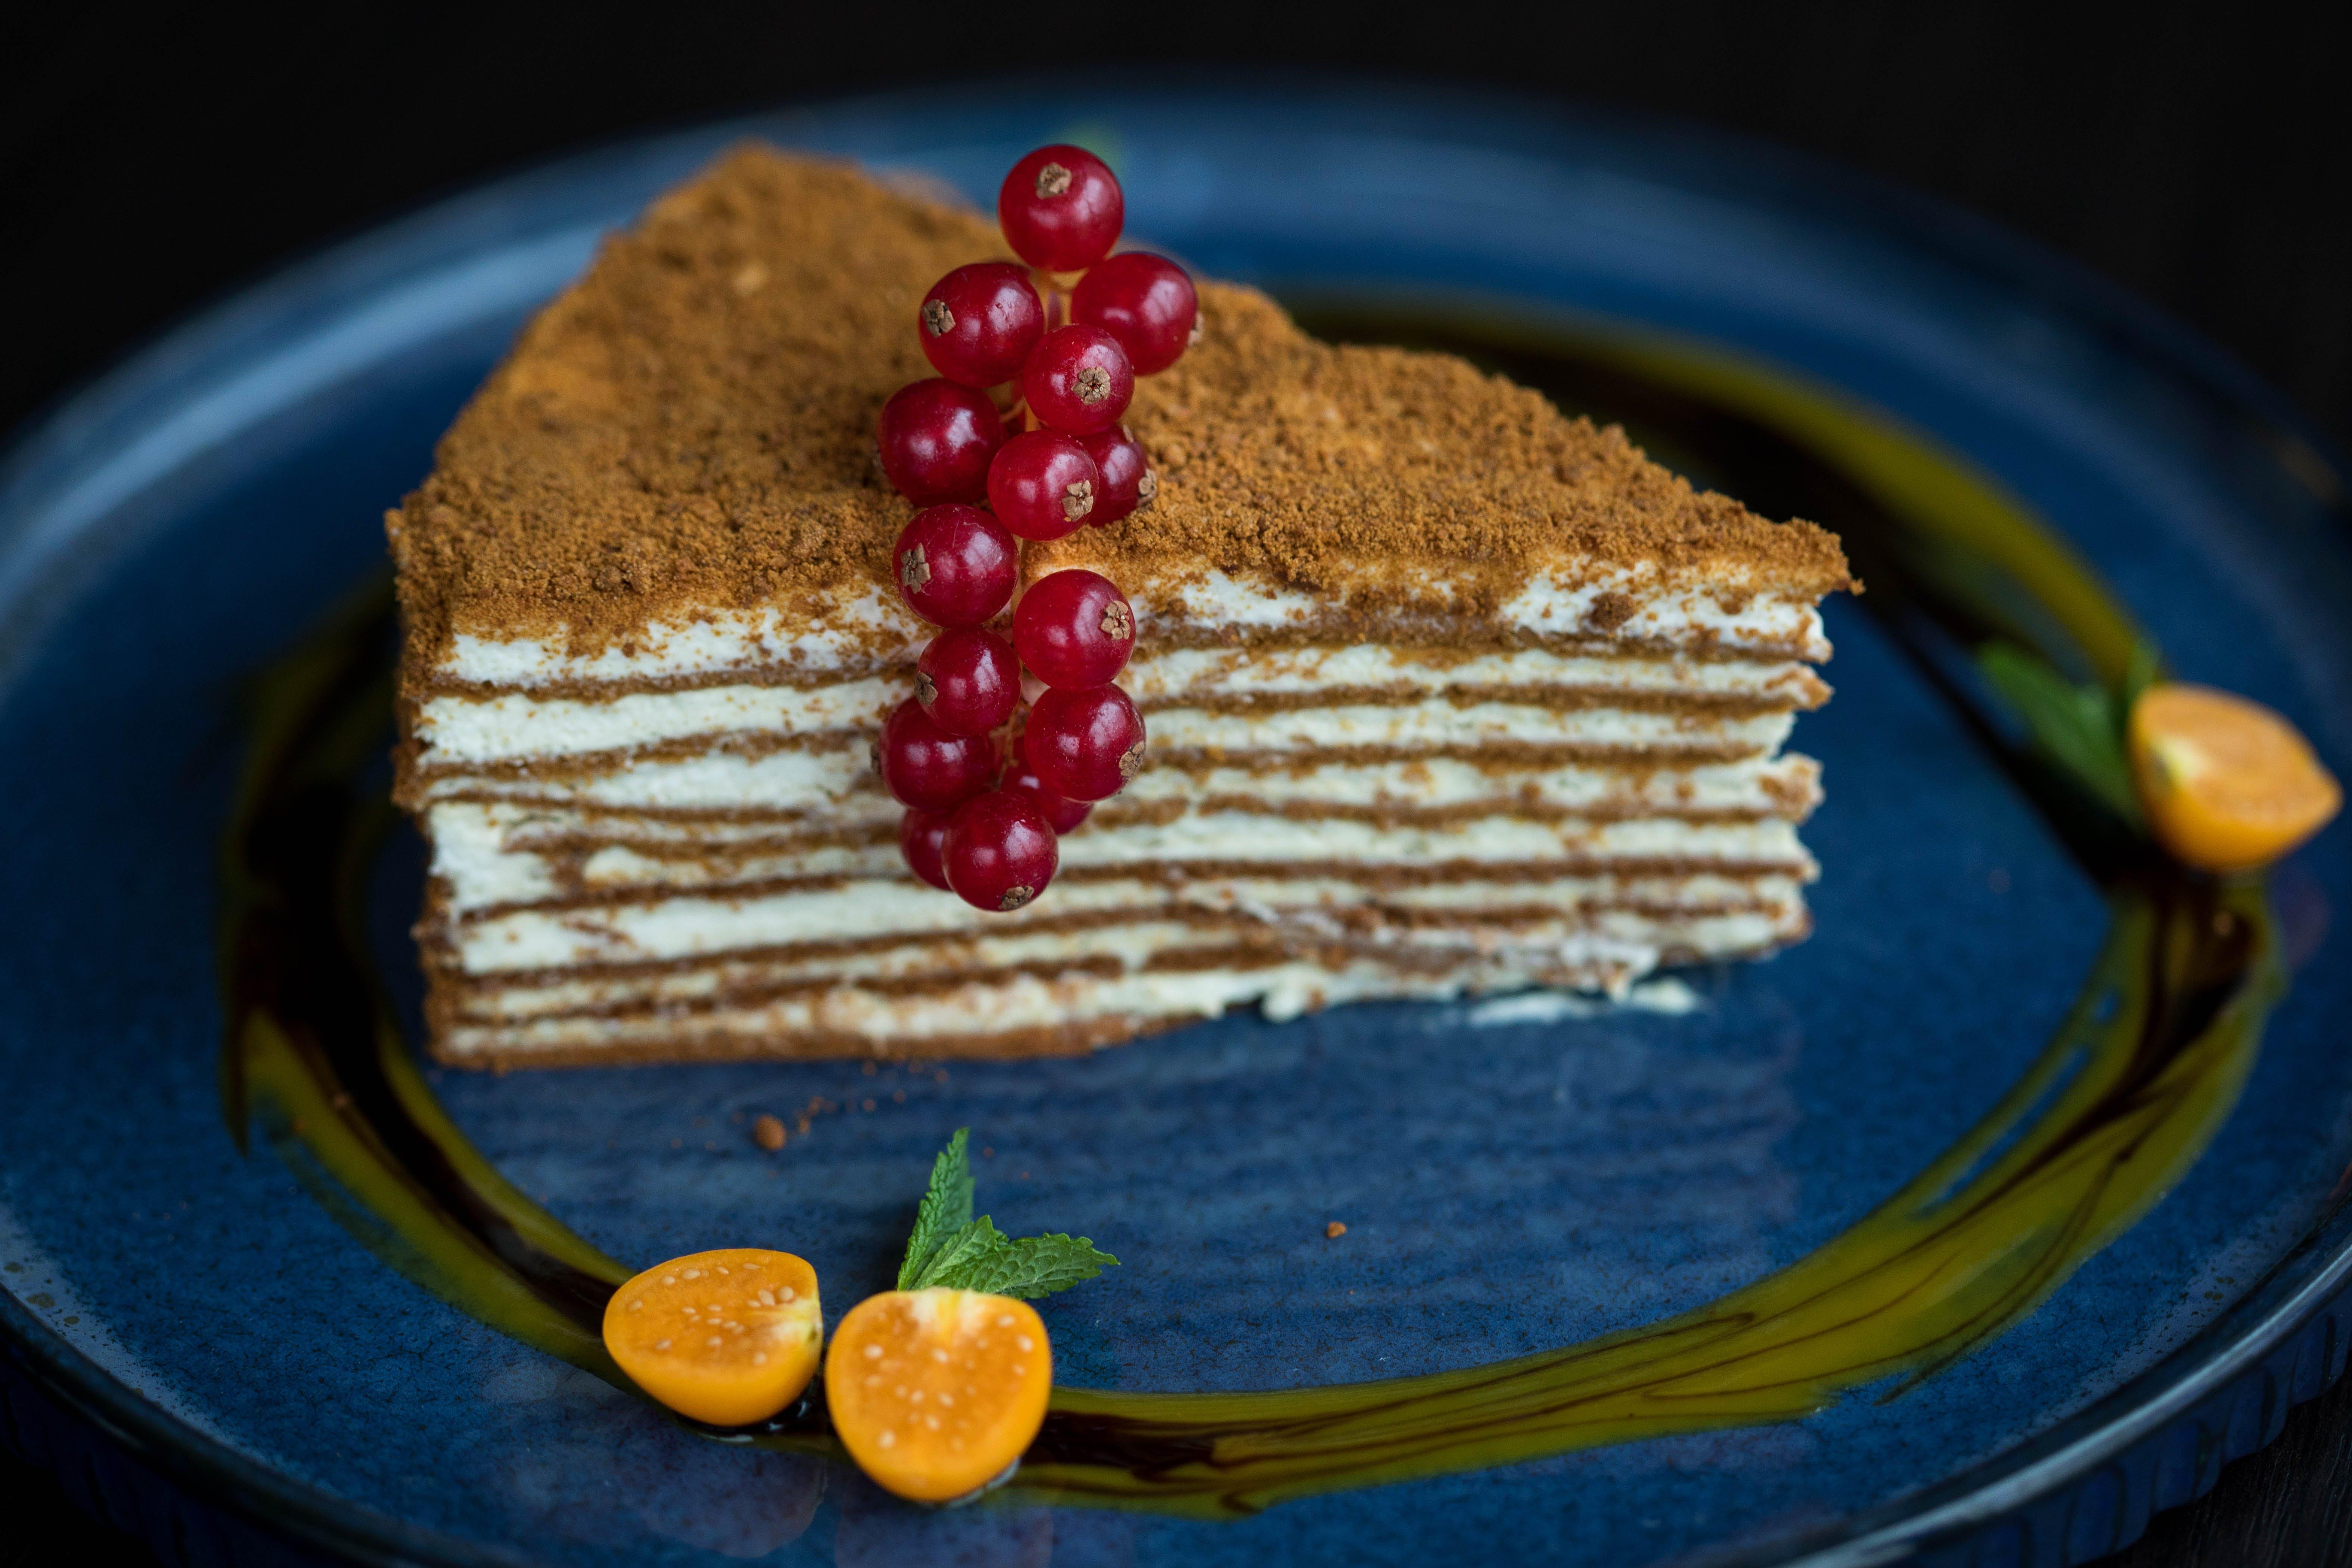 Kostenloses Stock Foto zu dessert, essen, essensfotografie, früchte